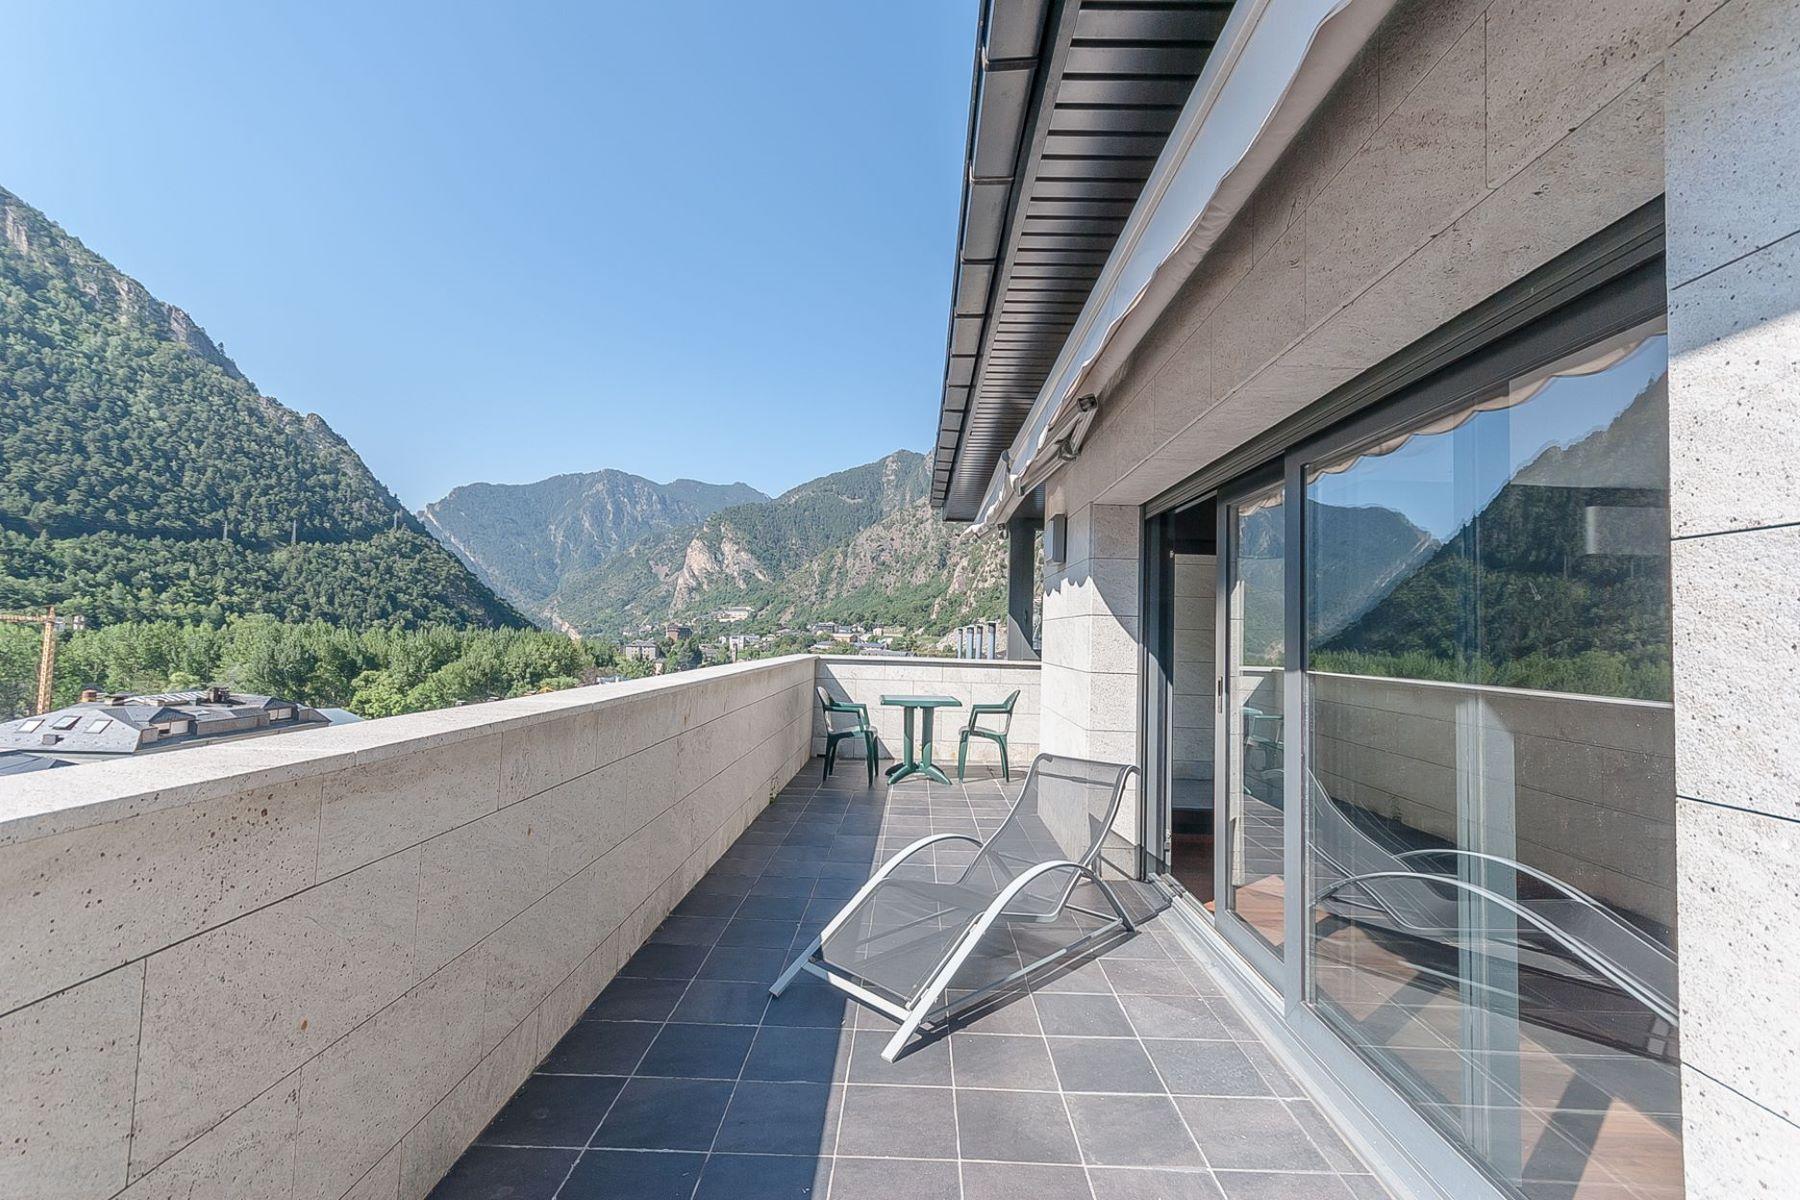 Apartment for Sale at Attic for sale in Santa Coloma Santa Coloma, Andorra La Vella, AD500 Andorra